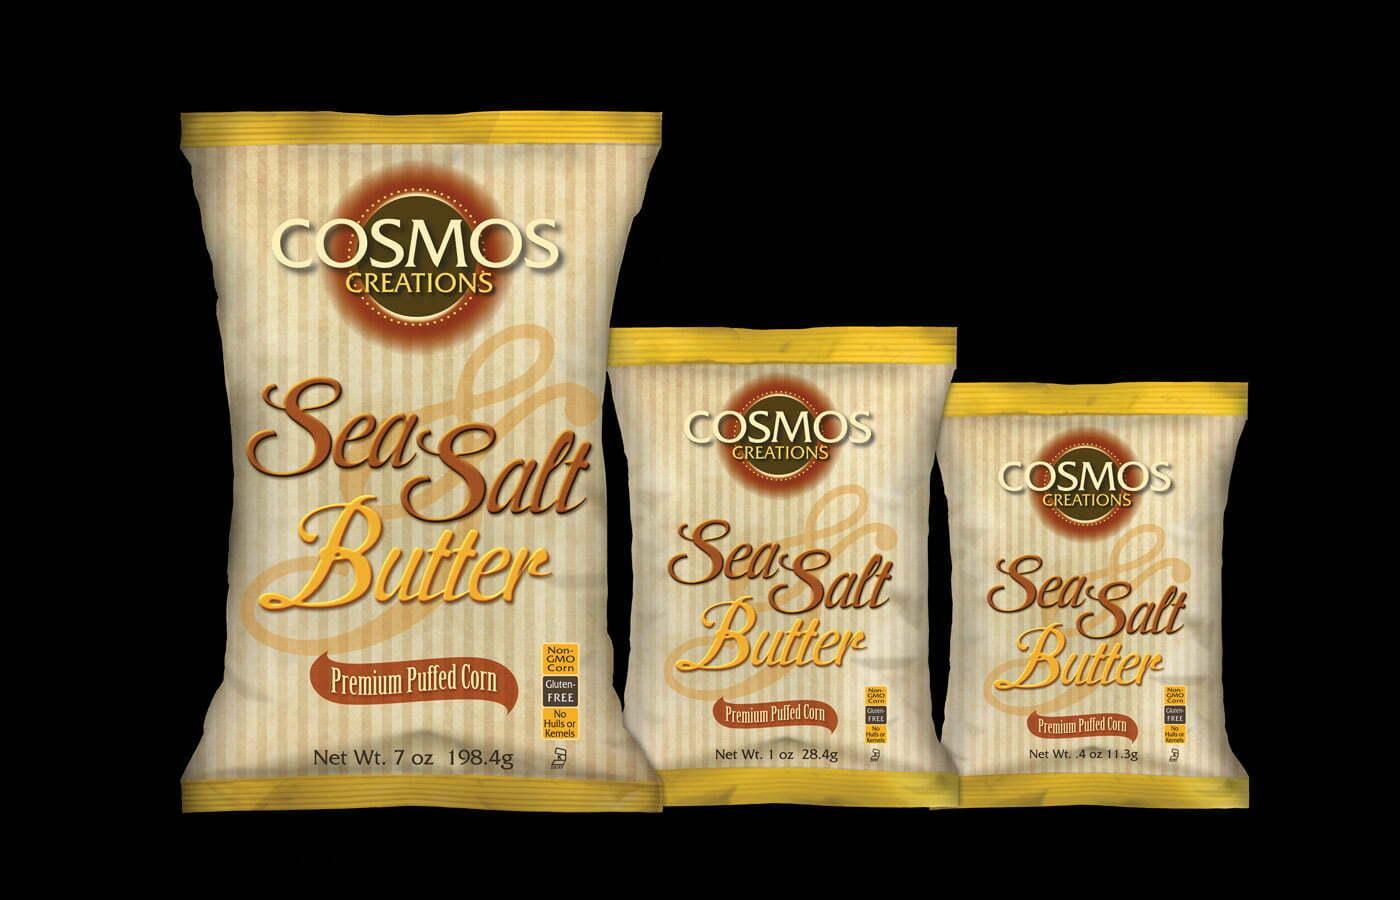 Sea Salt & Butter Line